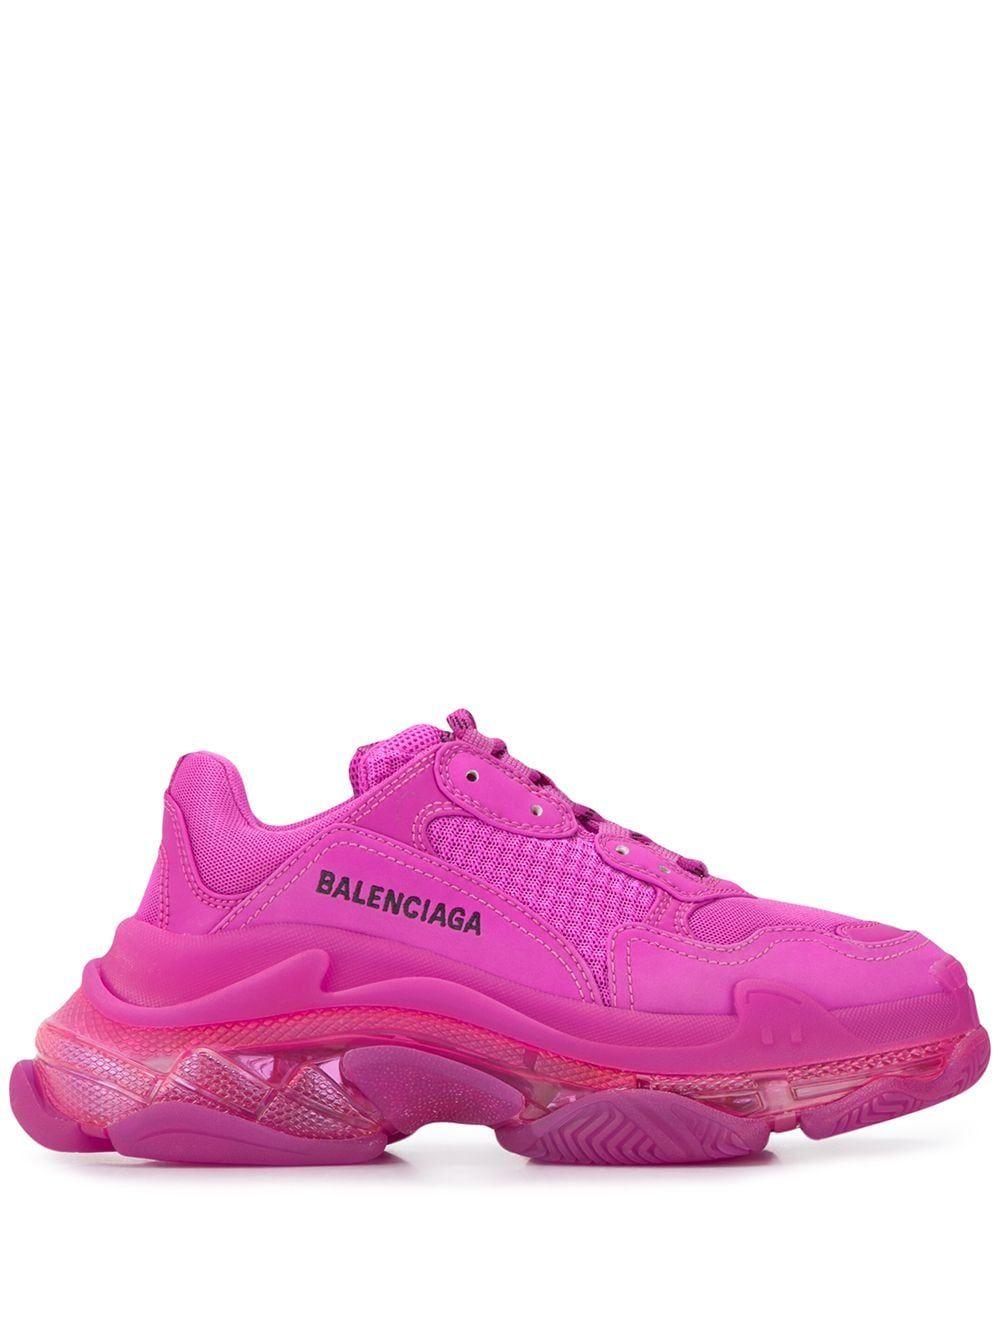 Triple S clear sole sneakers in 2020